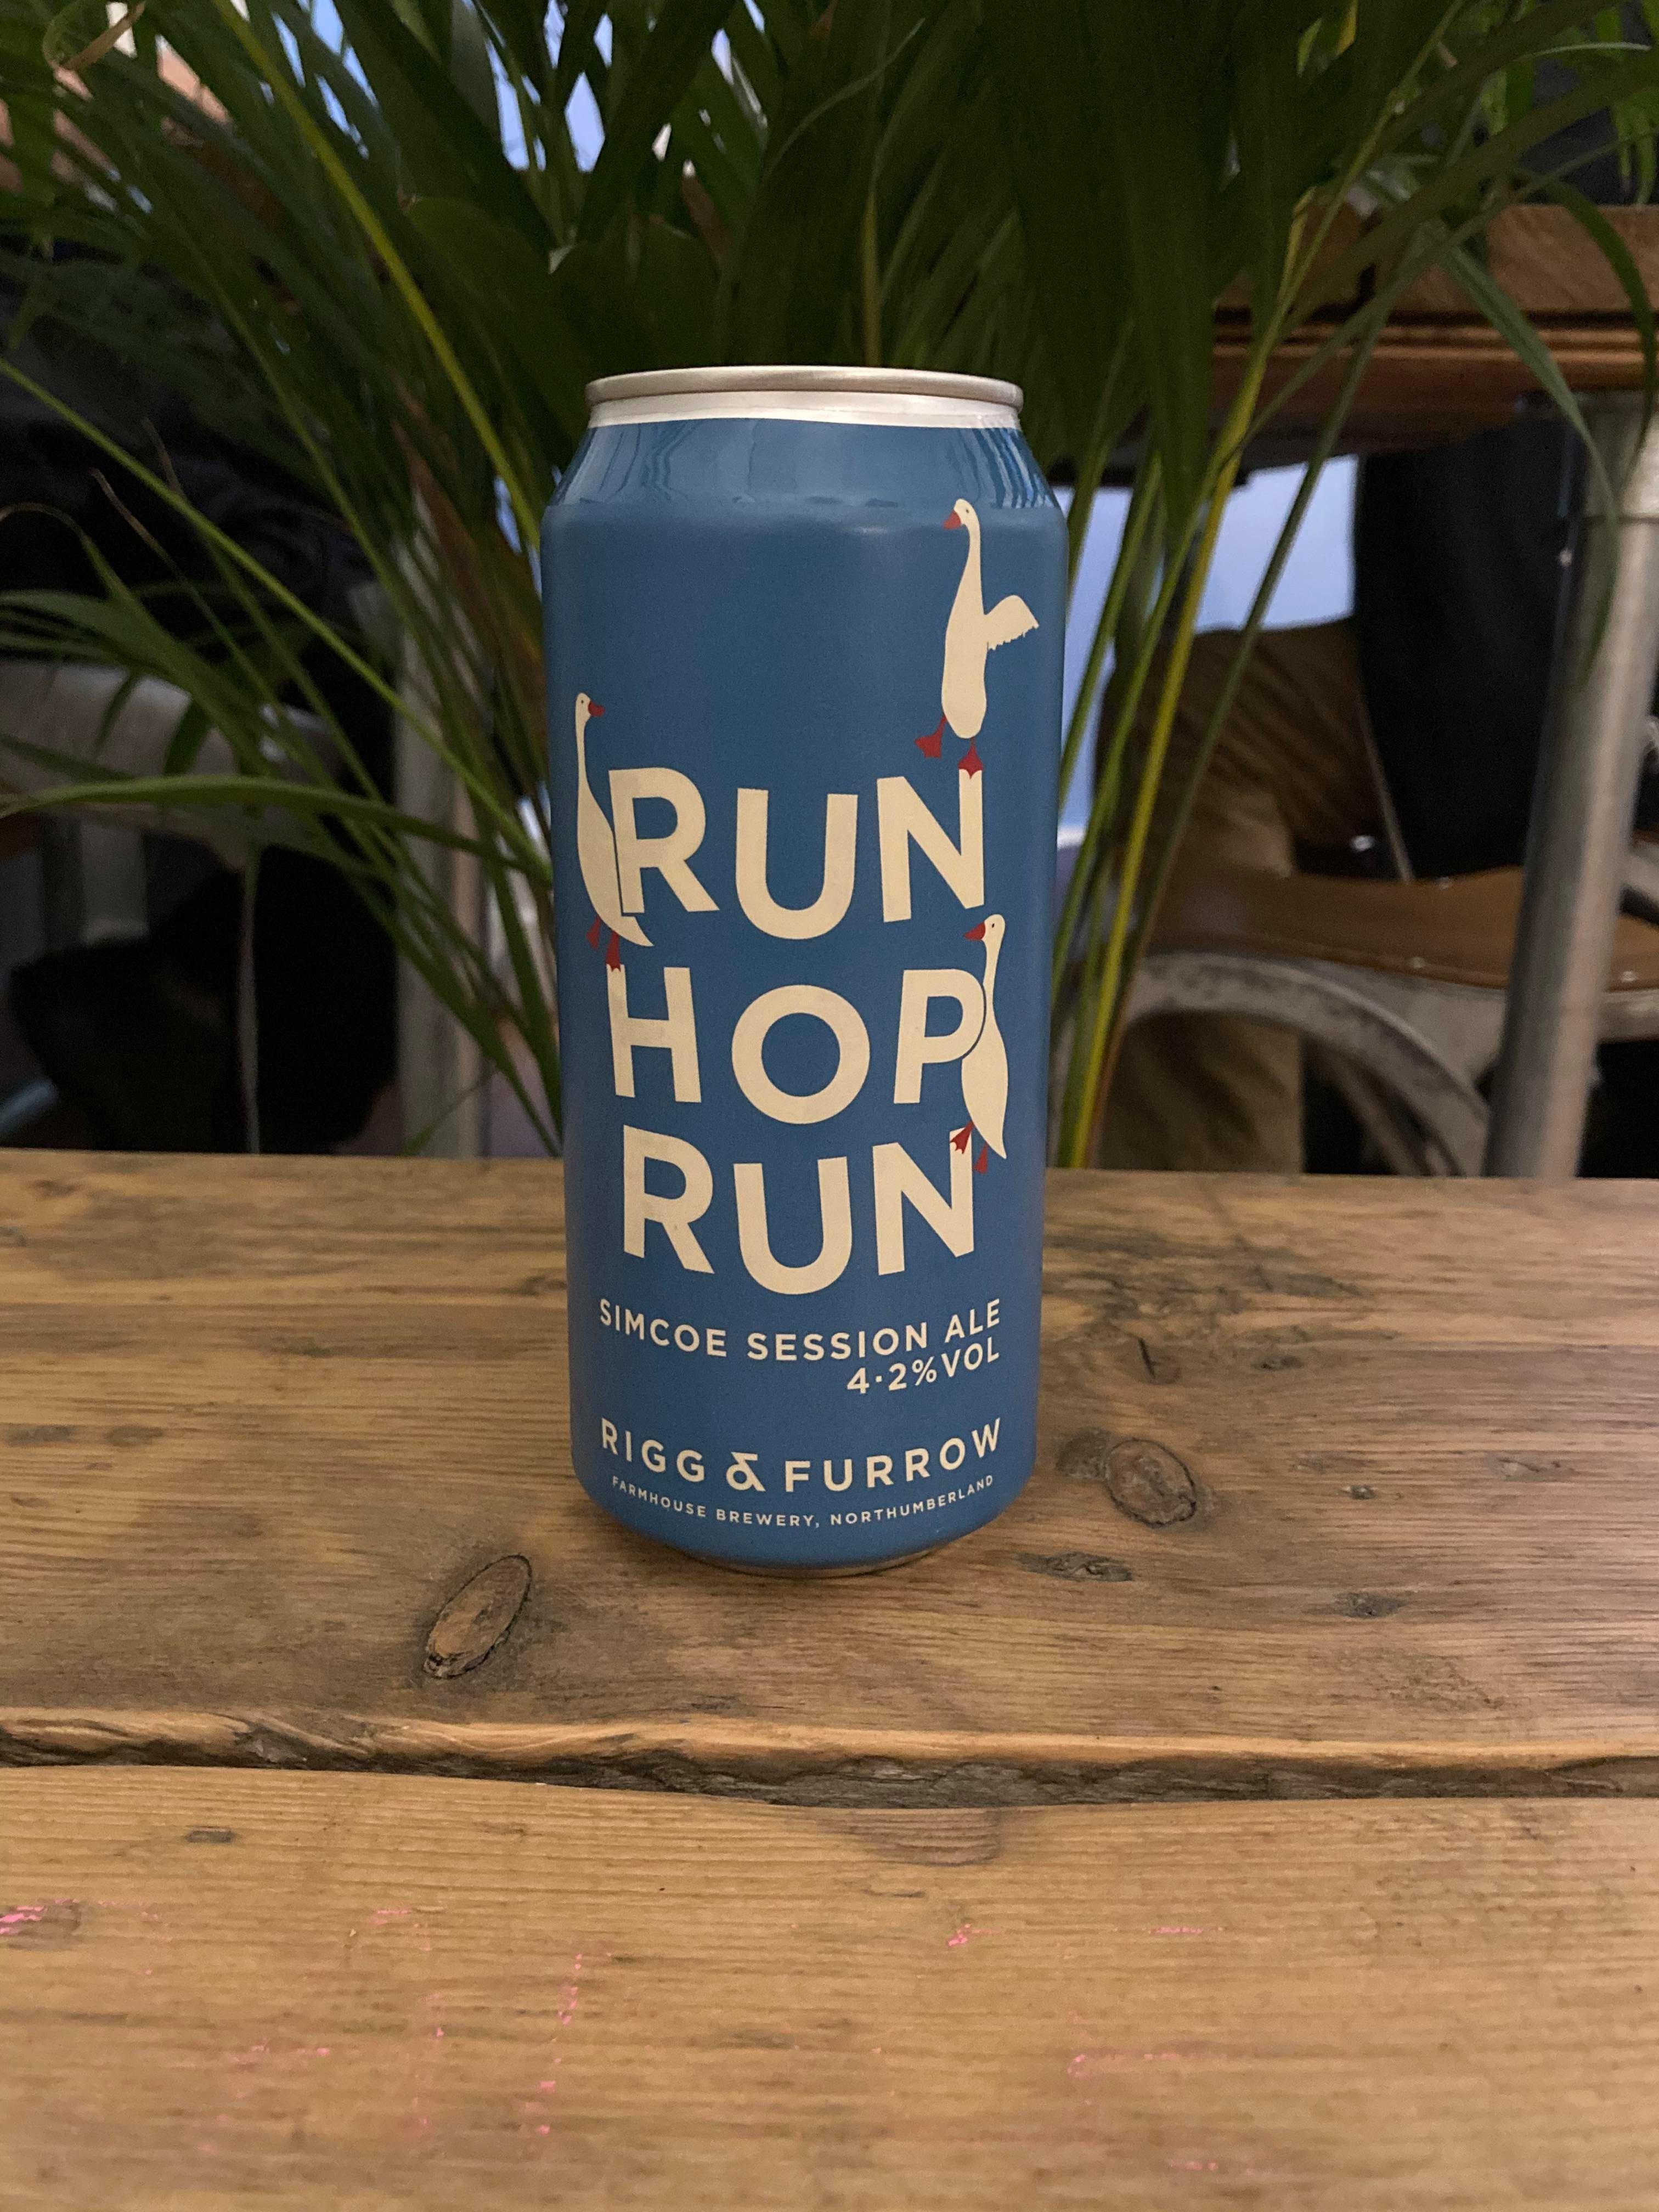 Rigg & Furrow - Run Hop Run 4.2%